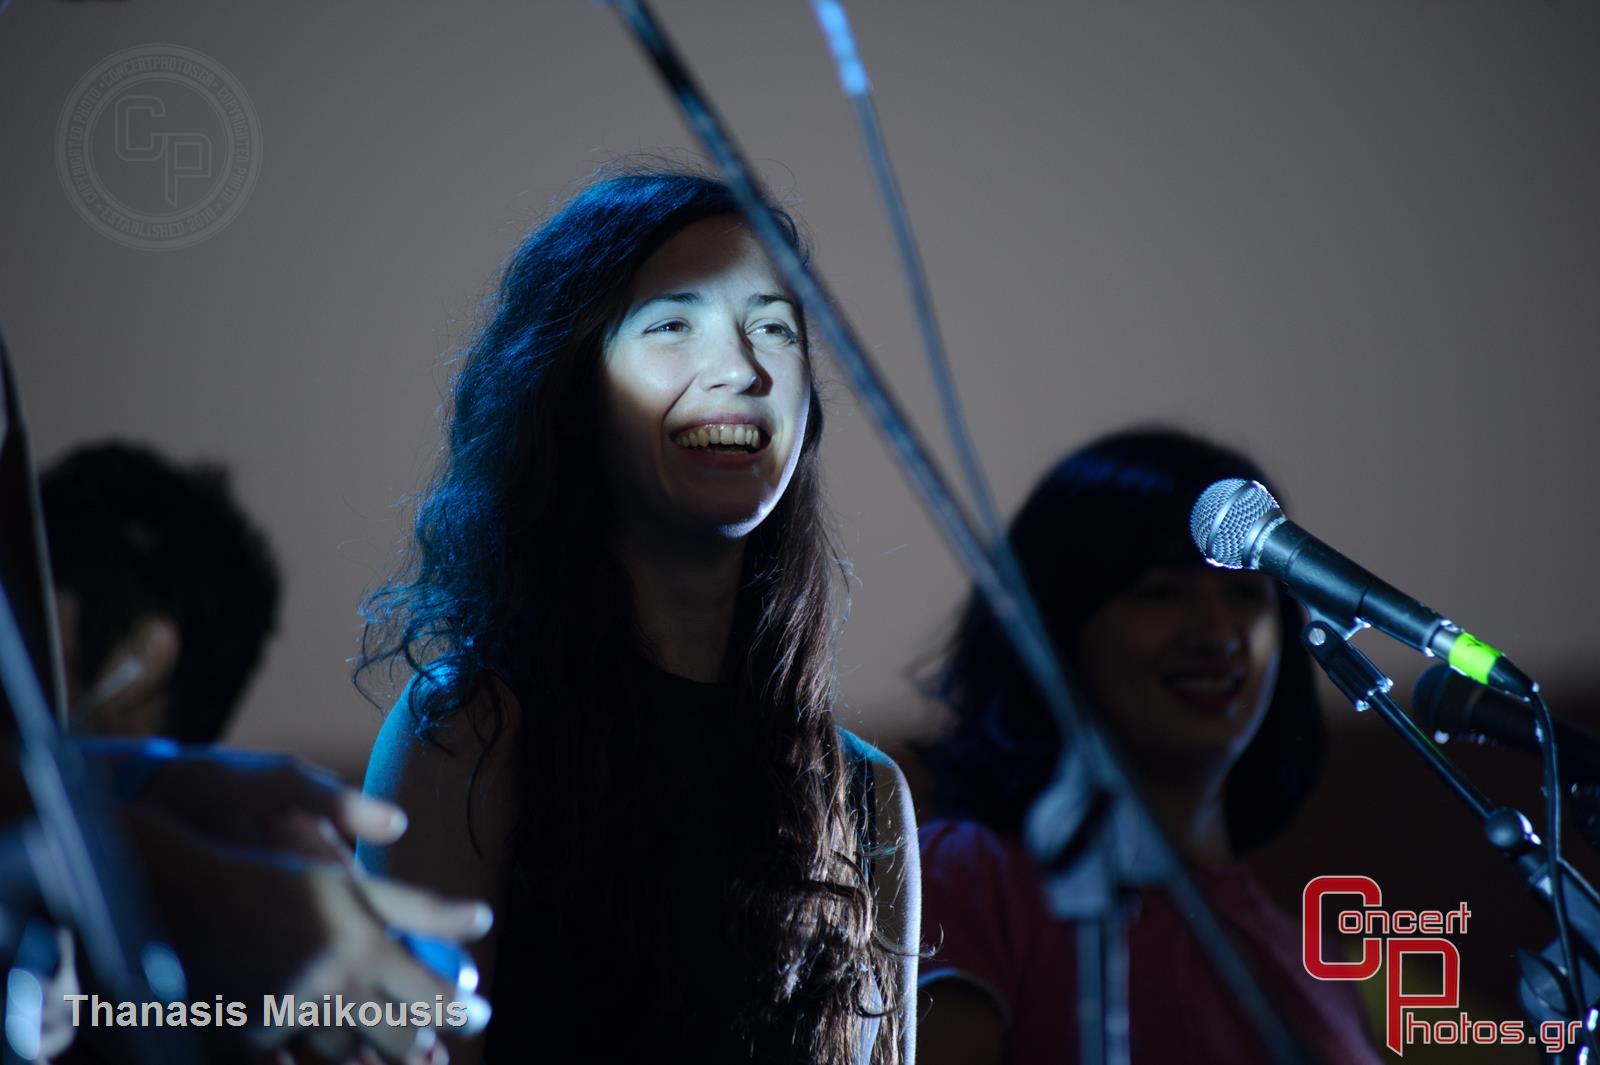 En Lefko 2014-En Lefko 2014 photographer: Thanasis Maikousis - concertphotos_20140621_21_01_27